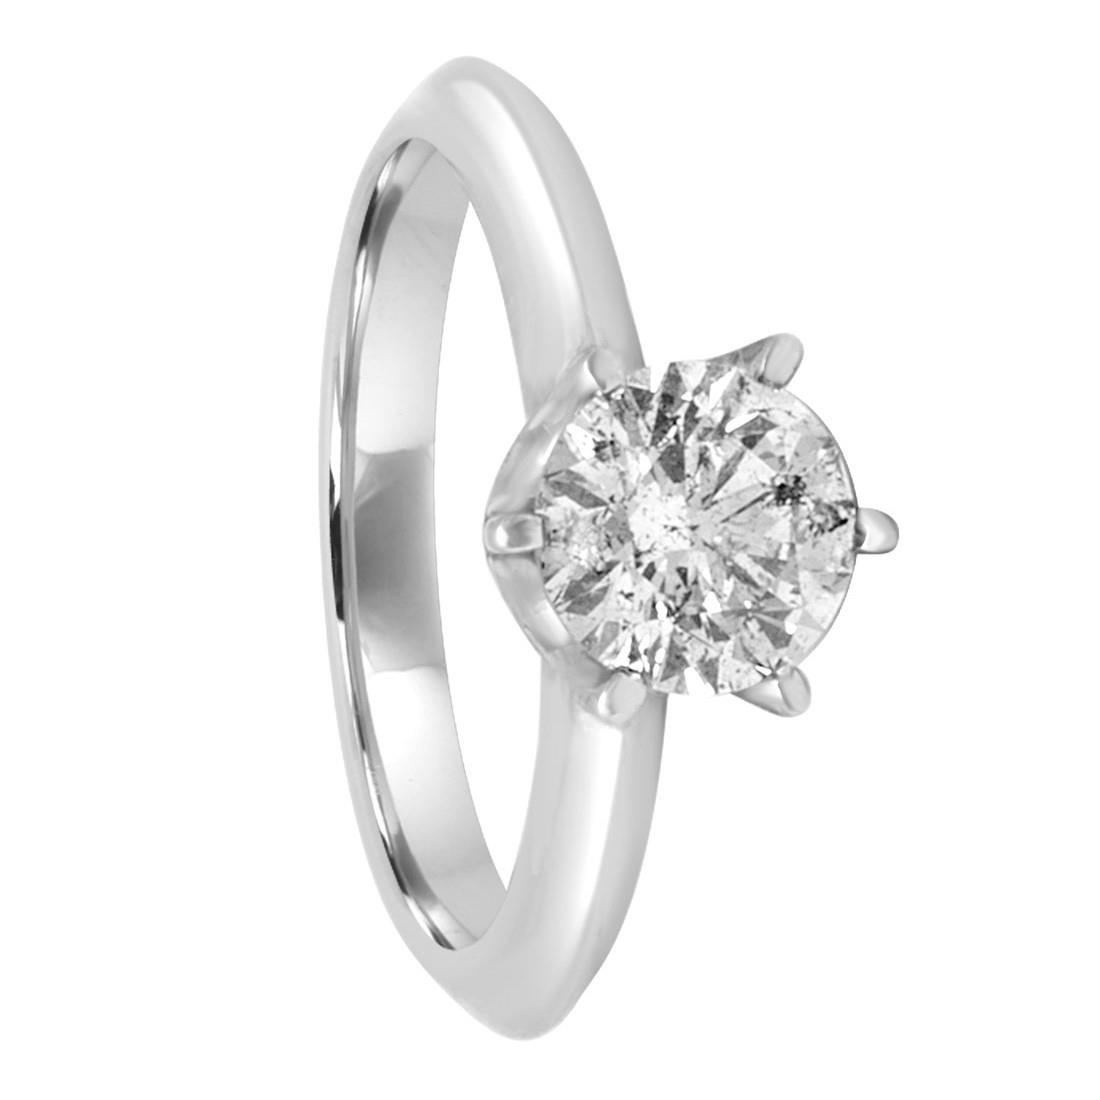 Anello solitario in oro bianco con diamante ct 1,24 mis 13 - ORO&CO